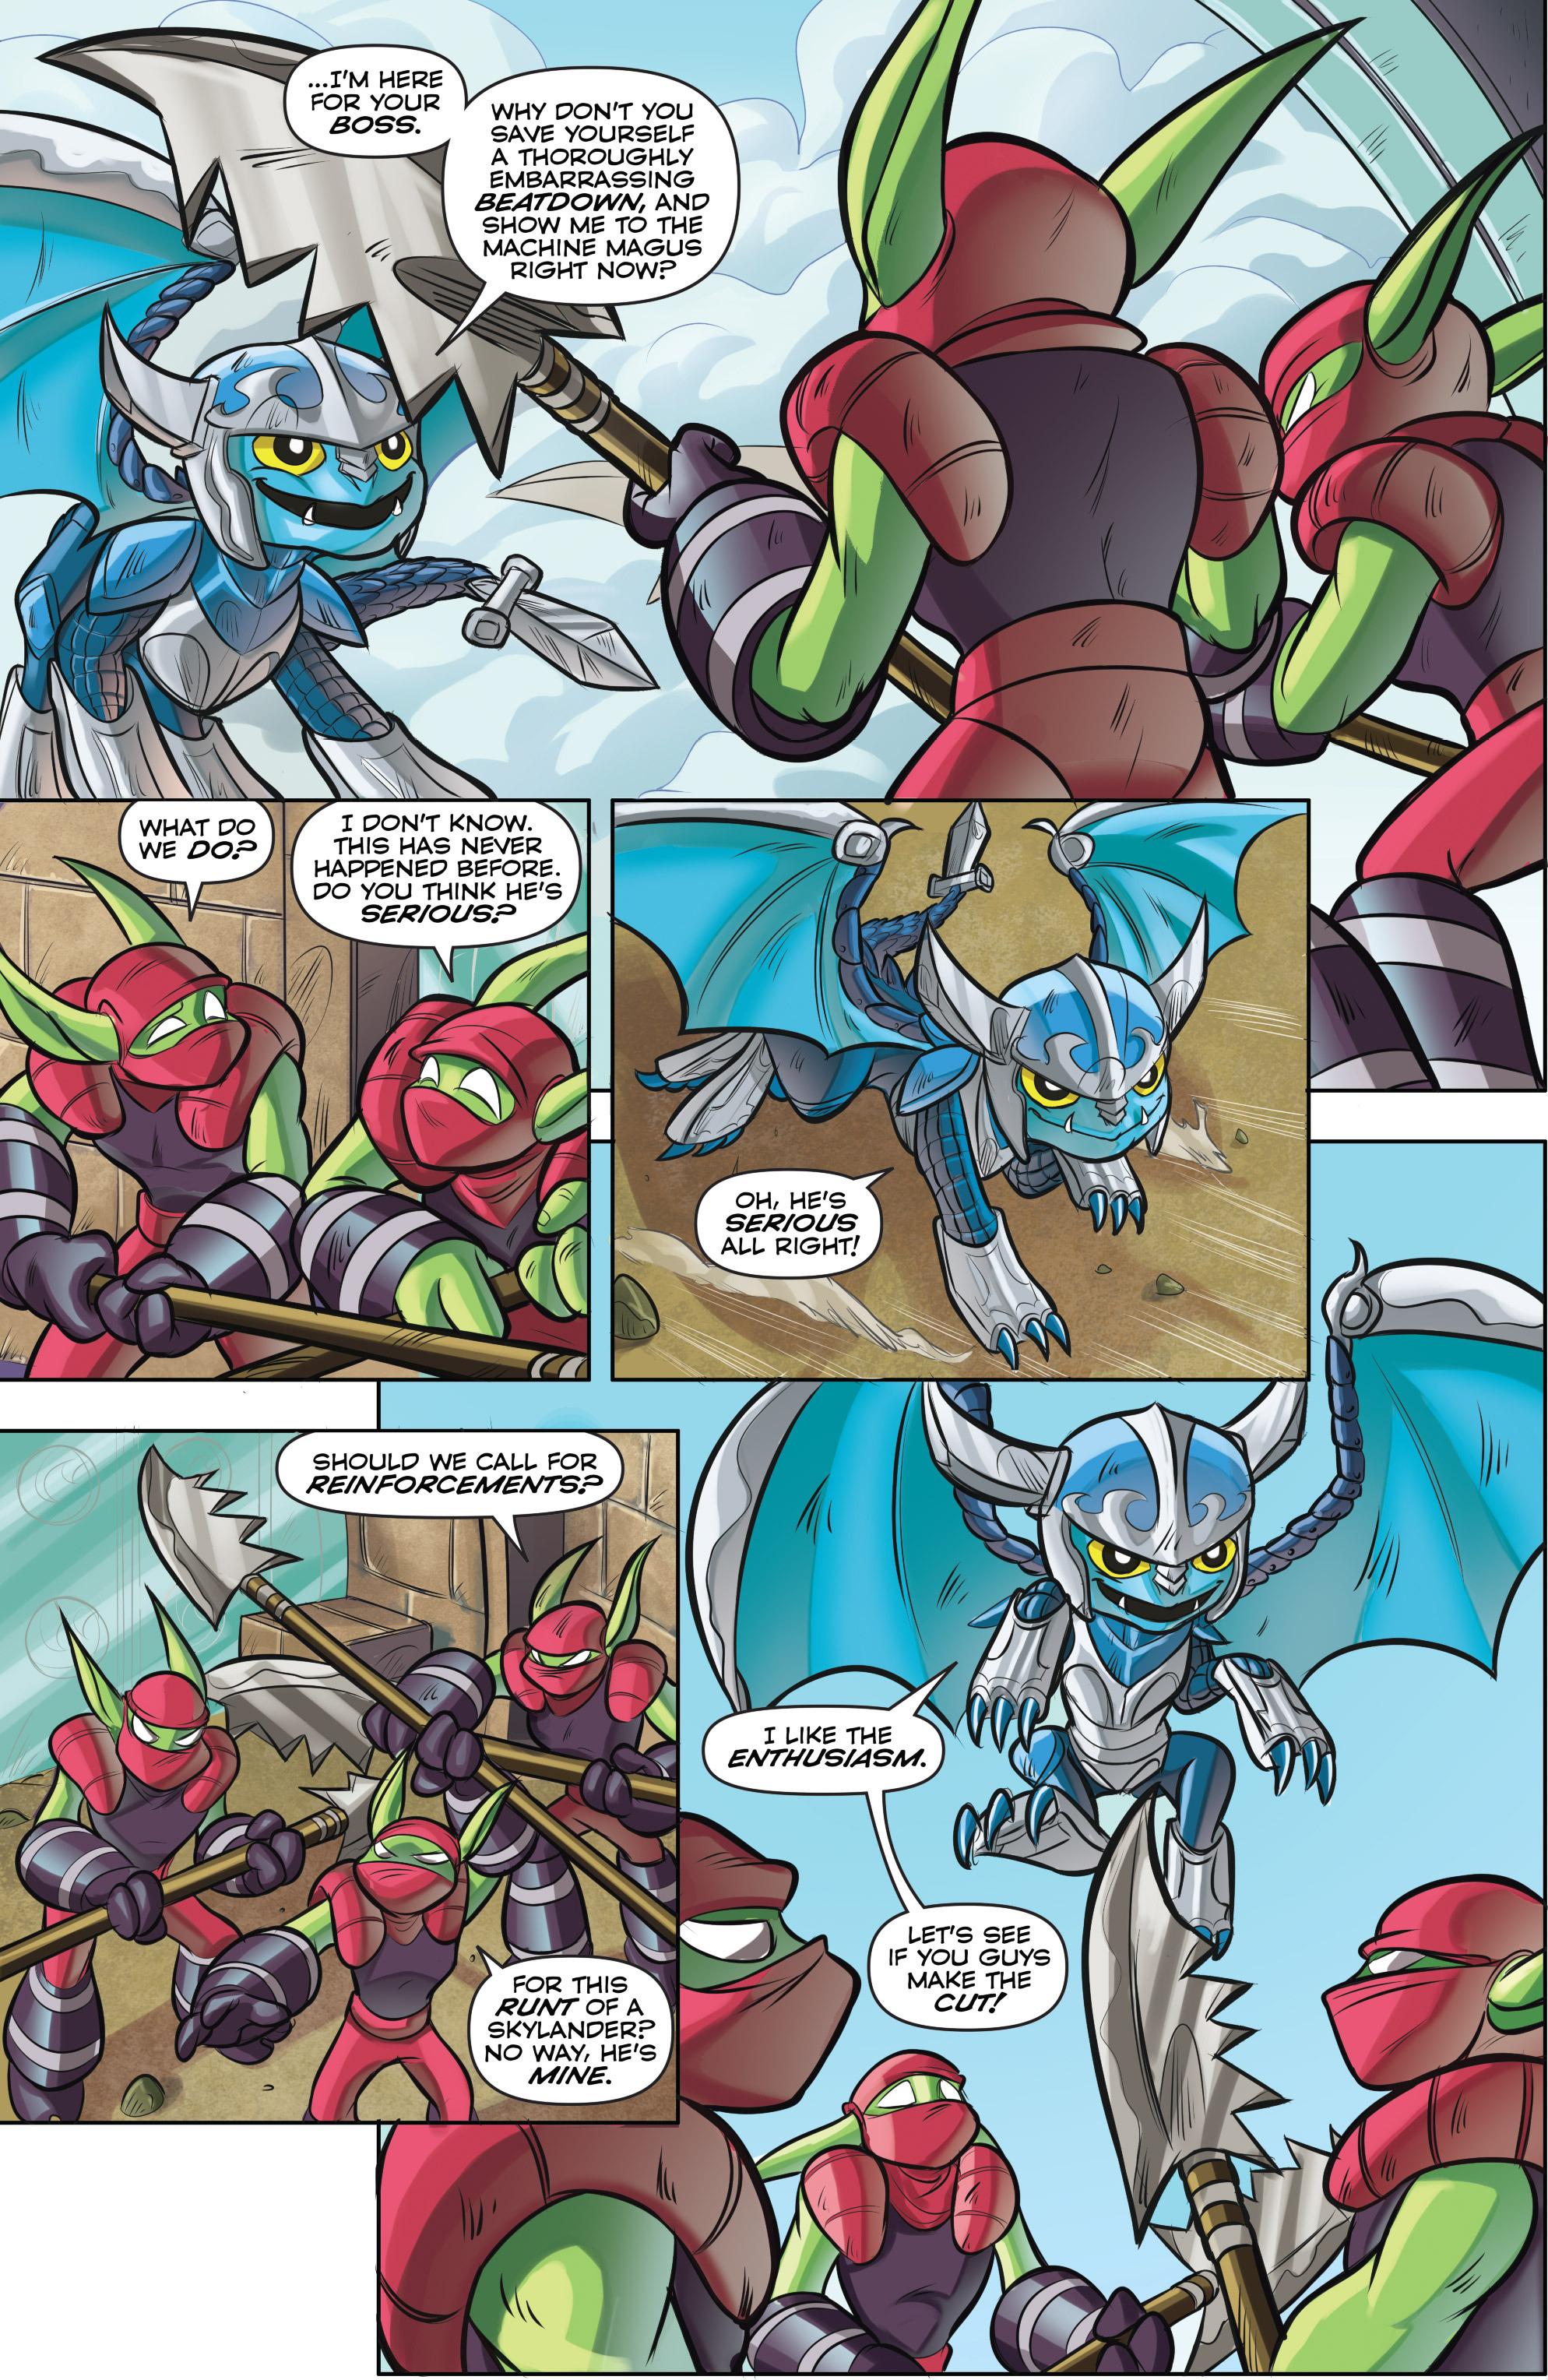 Read online Skylanders comic -  Issue #5 - 10